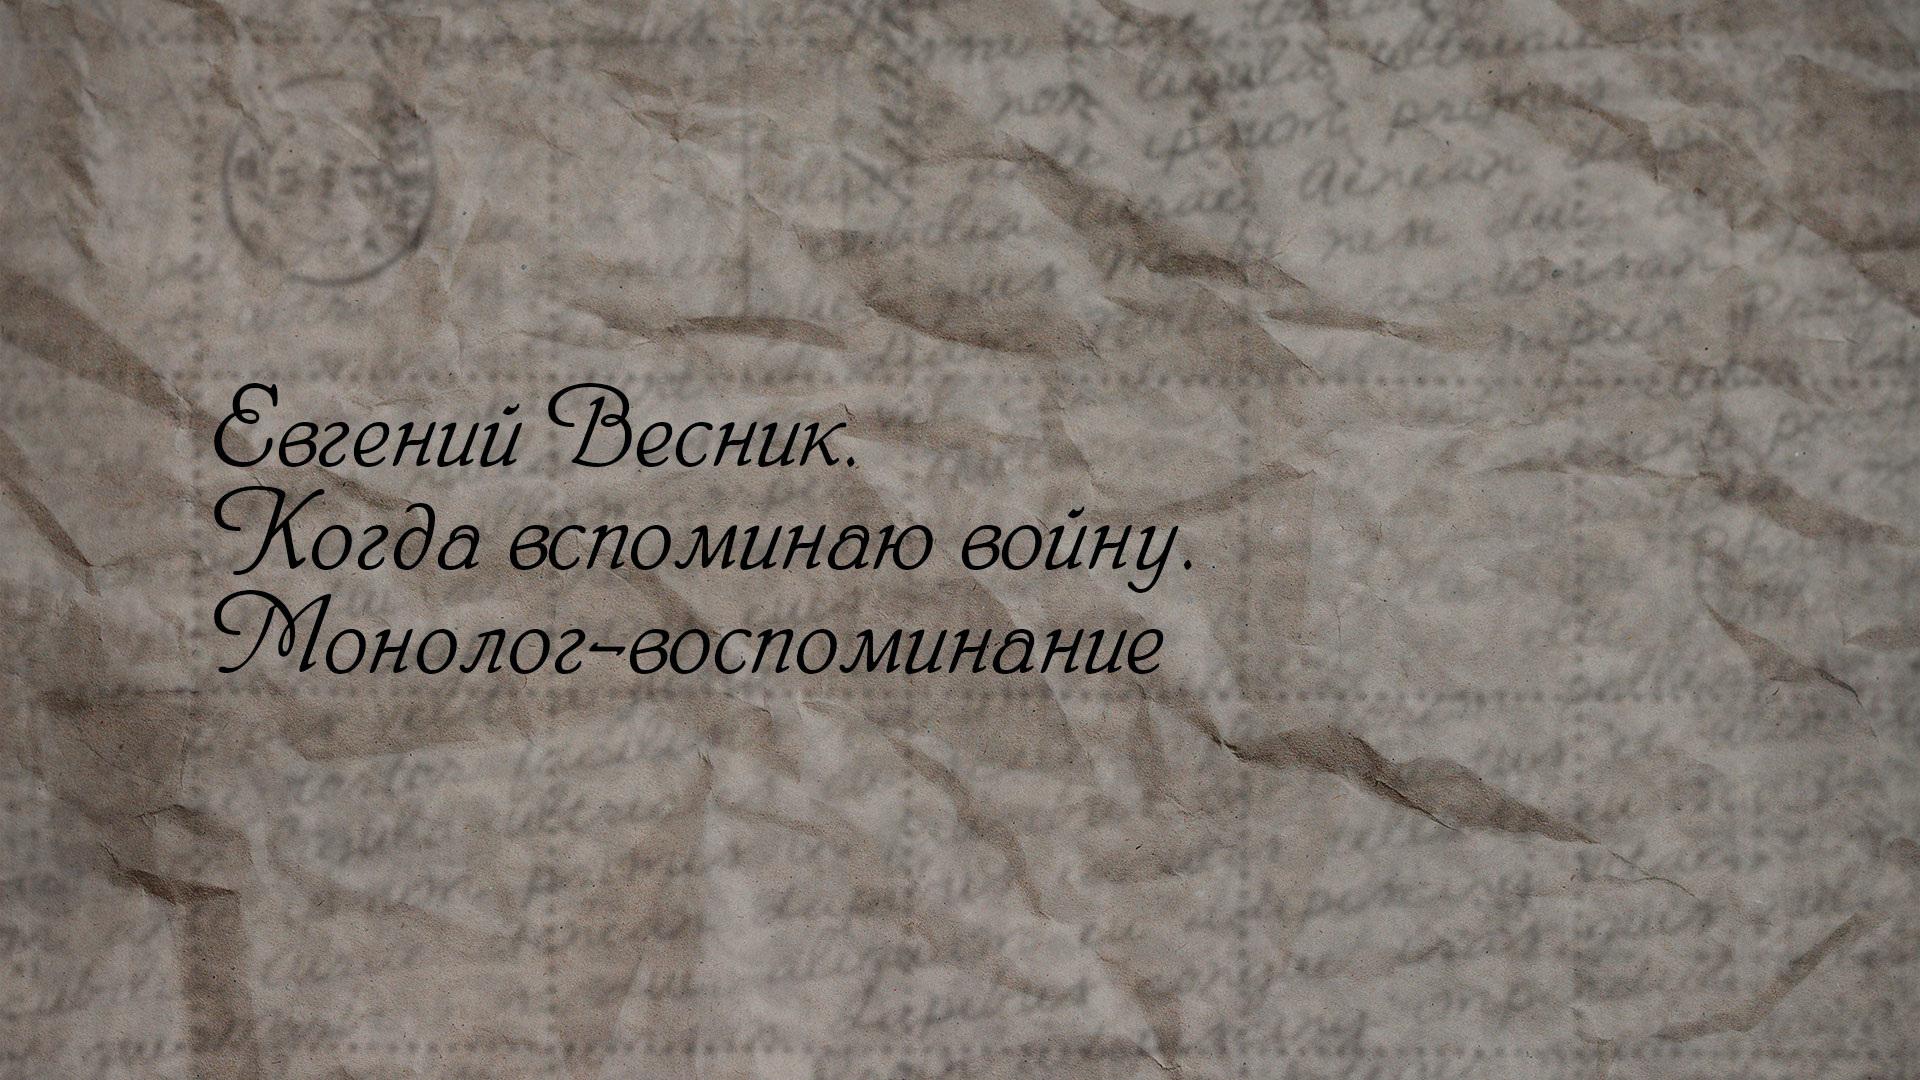 Евгений Весник. Когда вспоминаю войну. Монолог-воспоминание